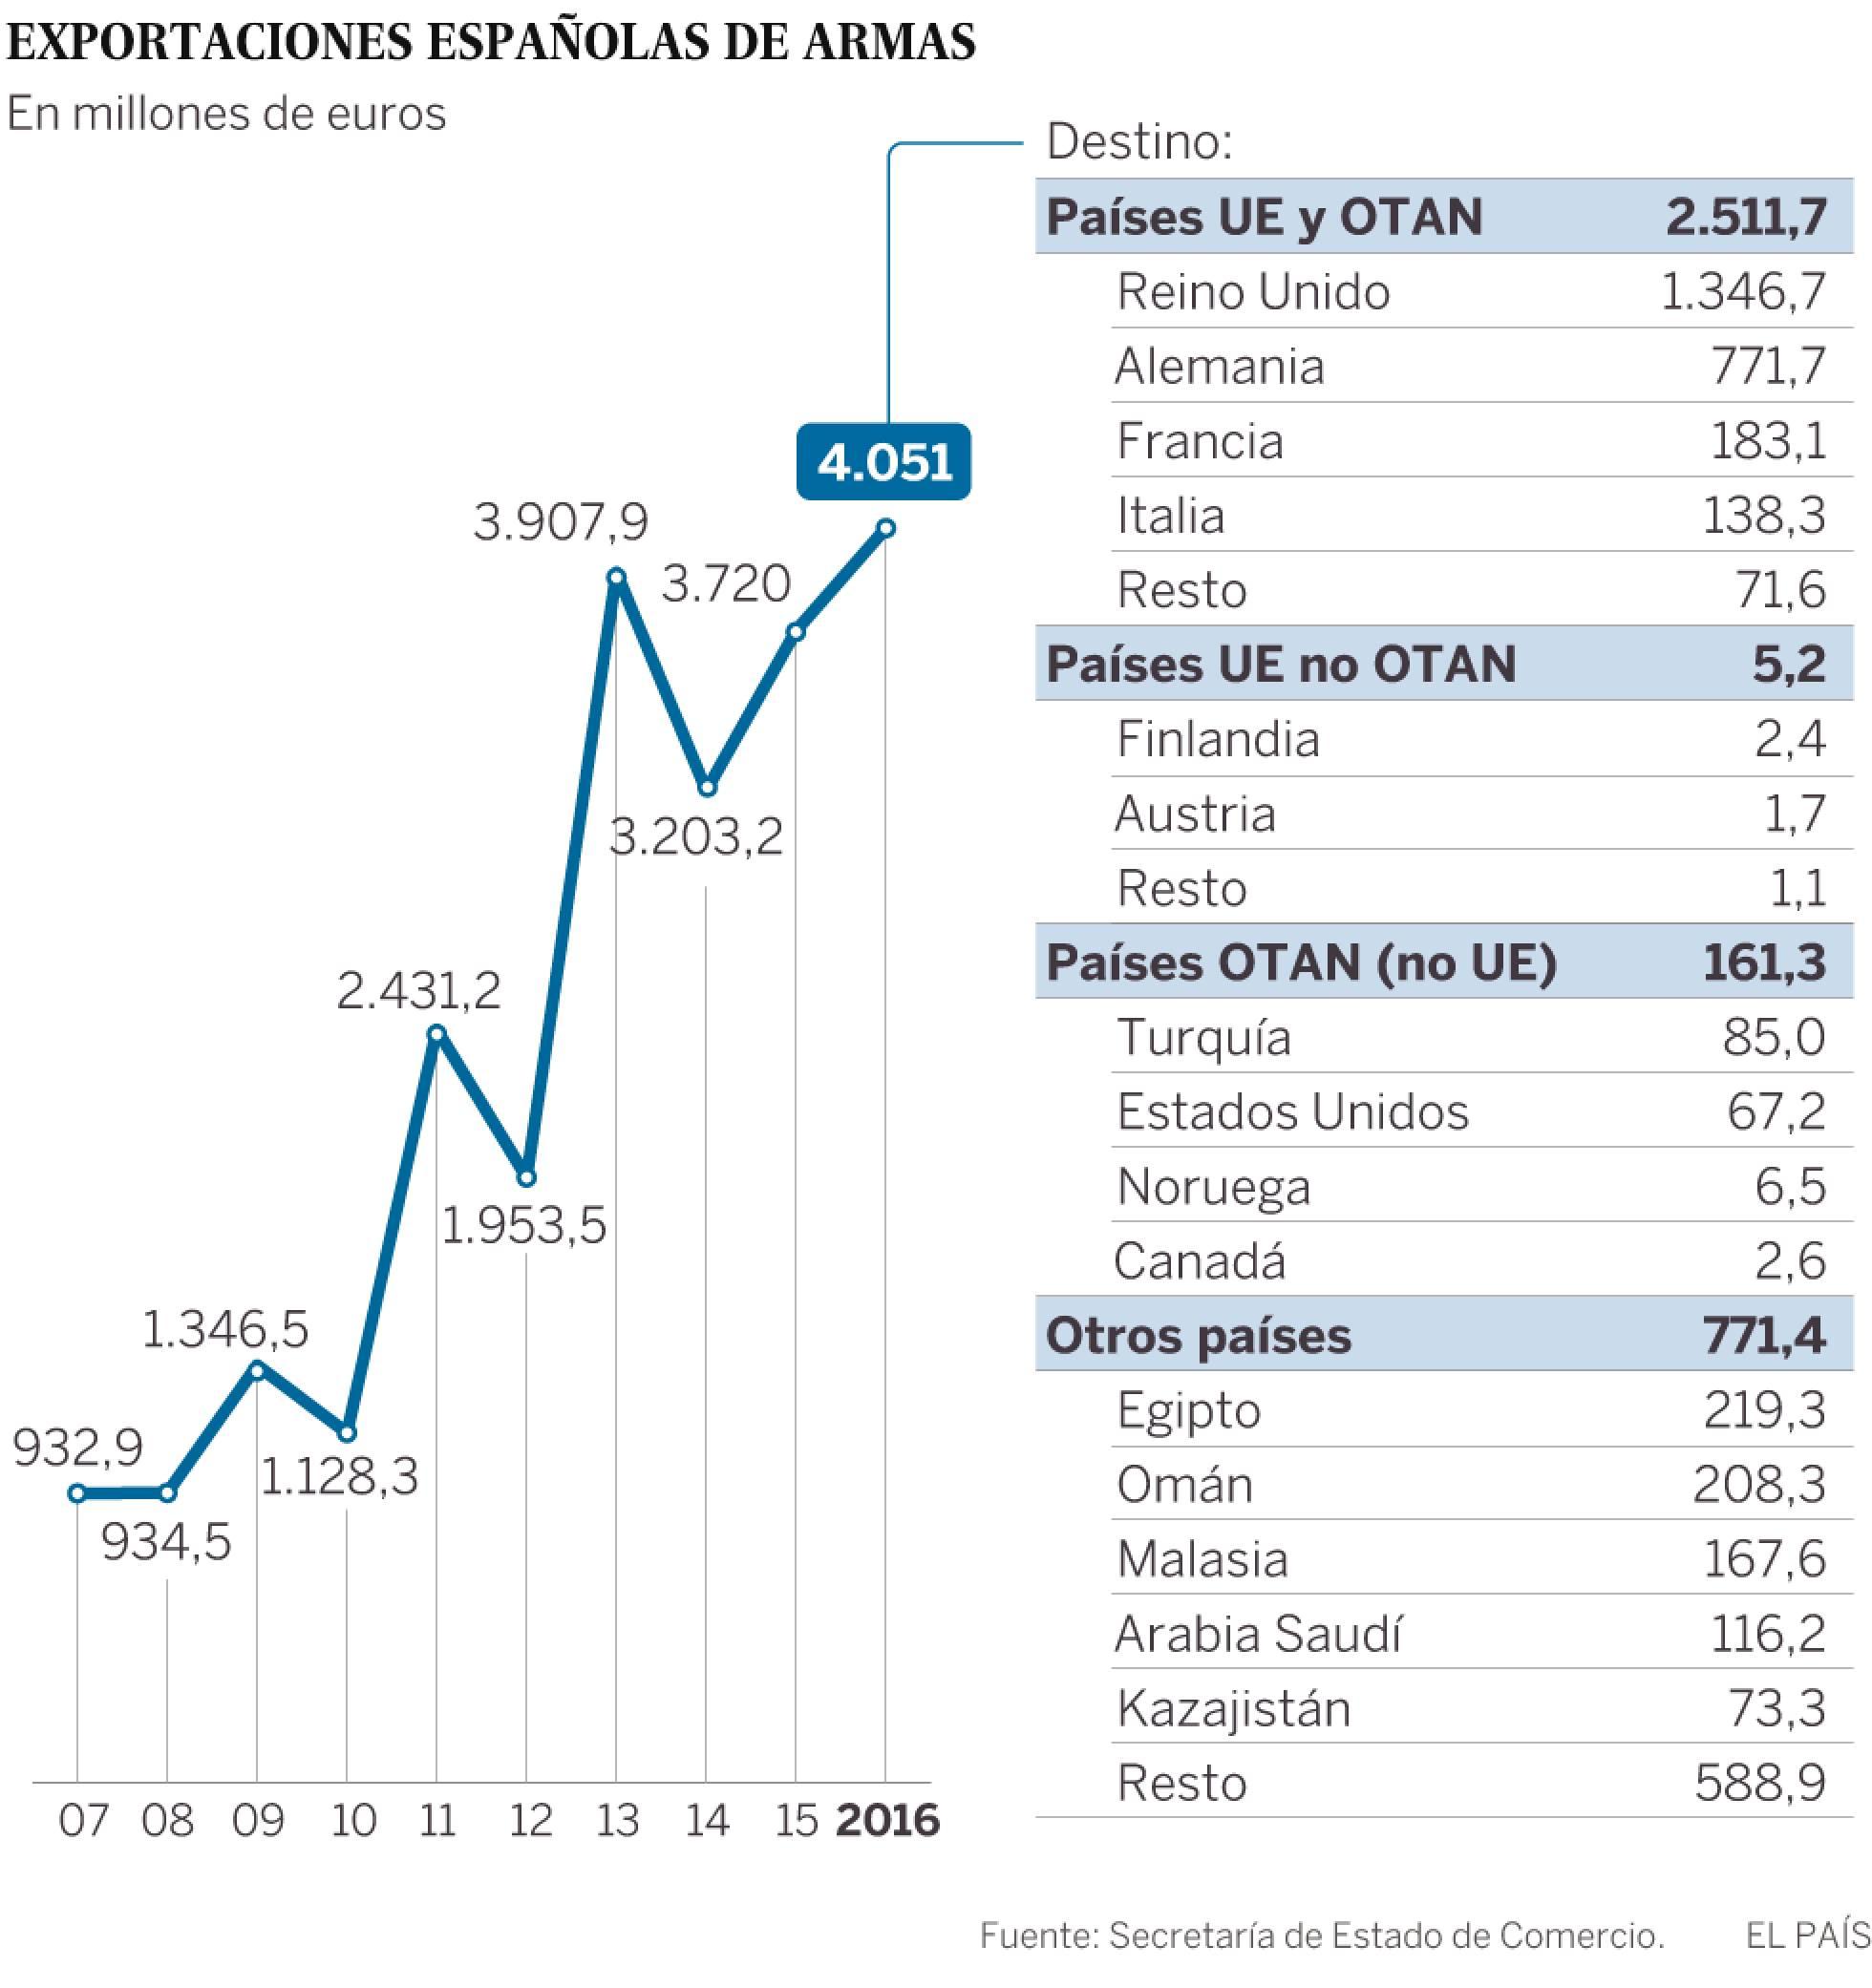 España: Industria militar y exportación de armas. Imperialismo capitalista y pacifismo... del otro lado. - Página 2 1495471091_746411_1495474454_sumario_normal_recorte1